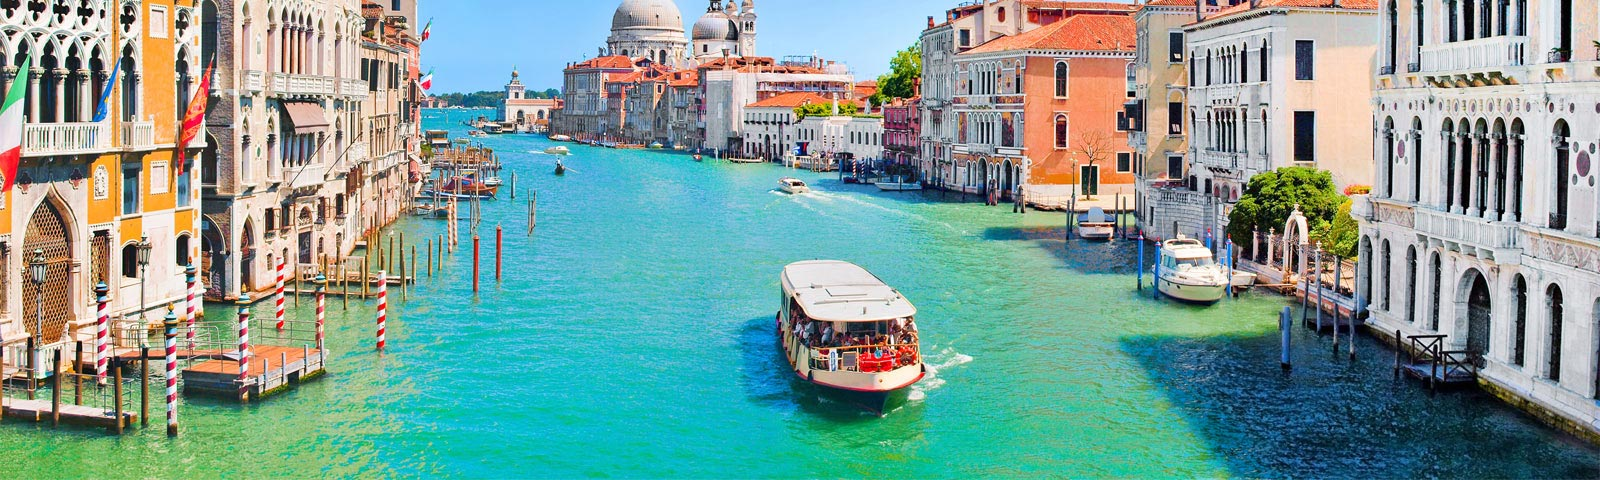 Luxury italy holidays luxury hotels elegant resorts for Luxury holidays worldwide